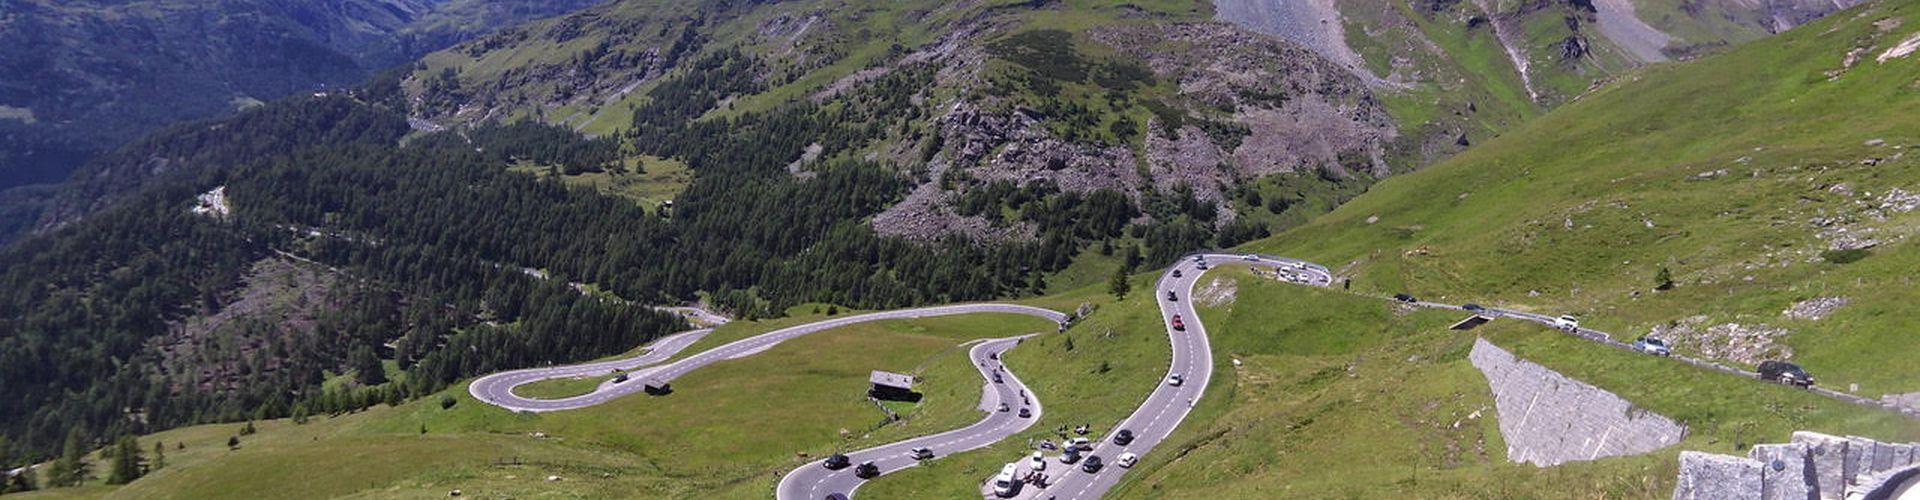 The Austria Giro 2017